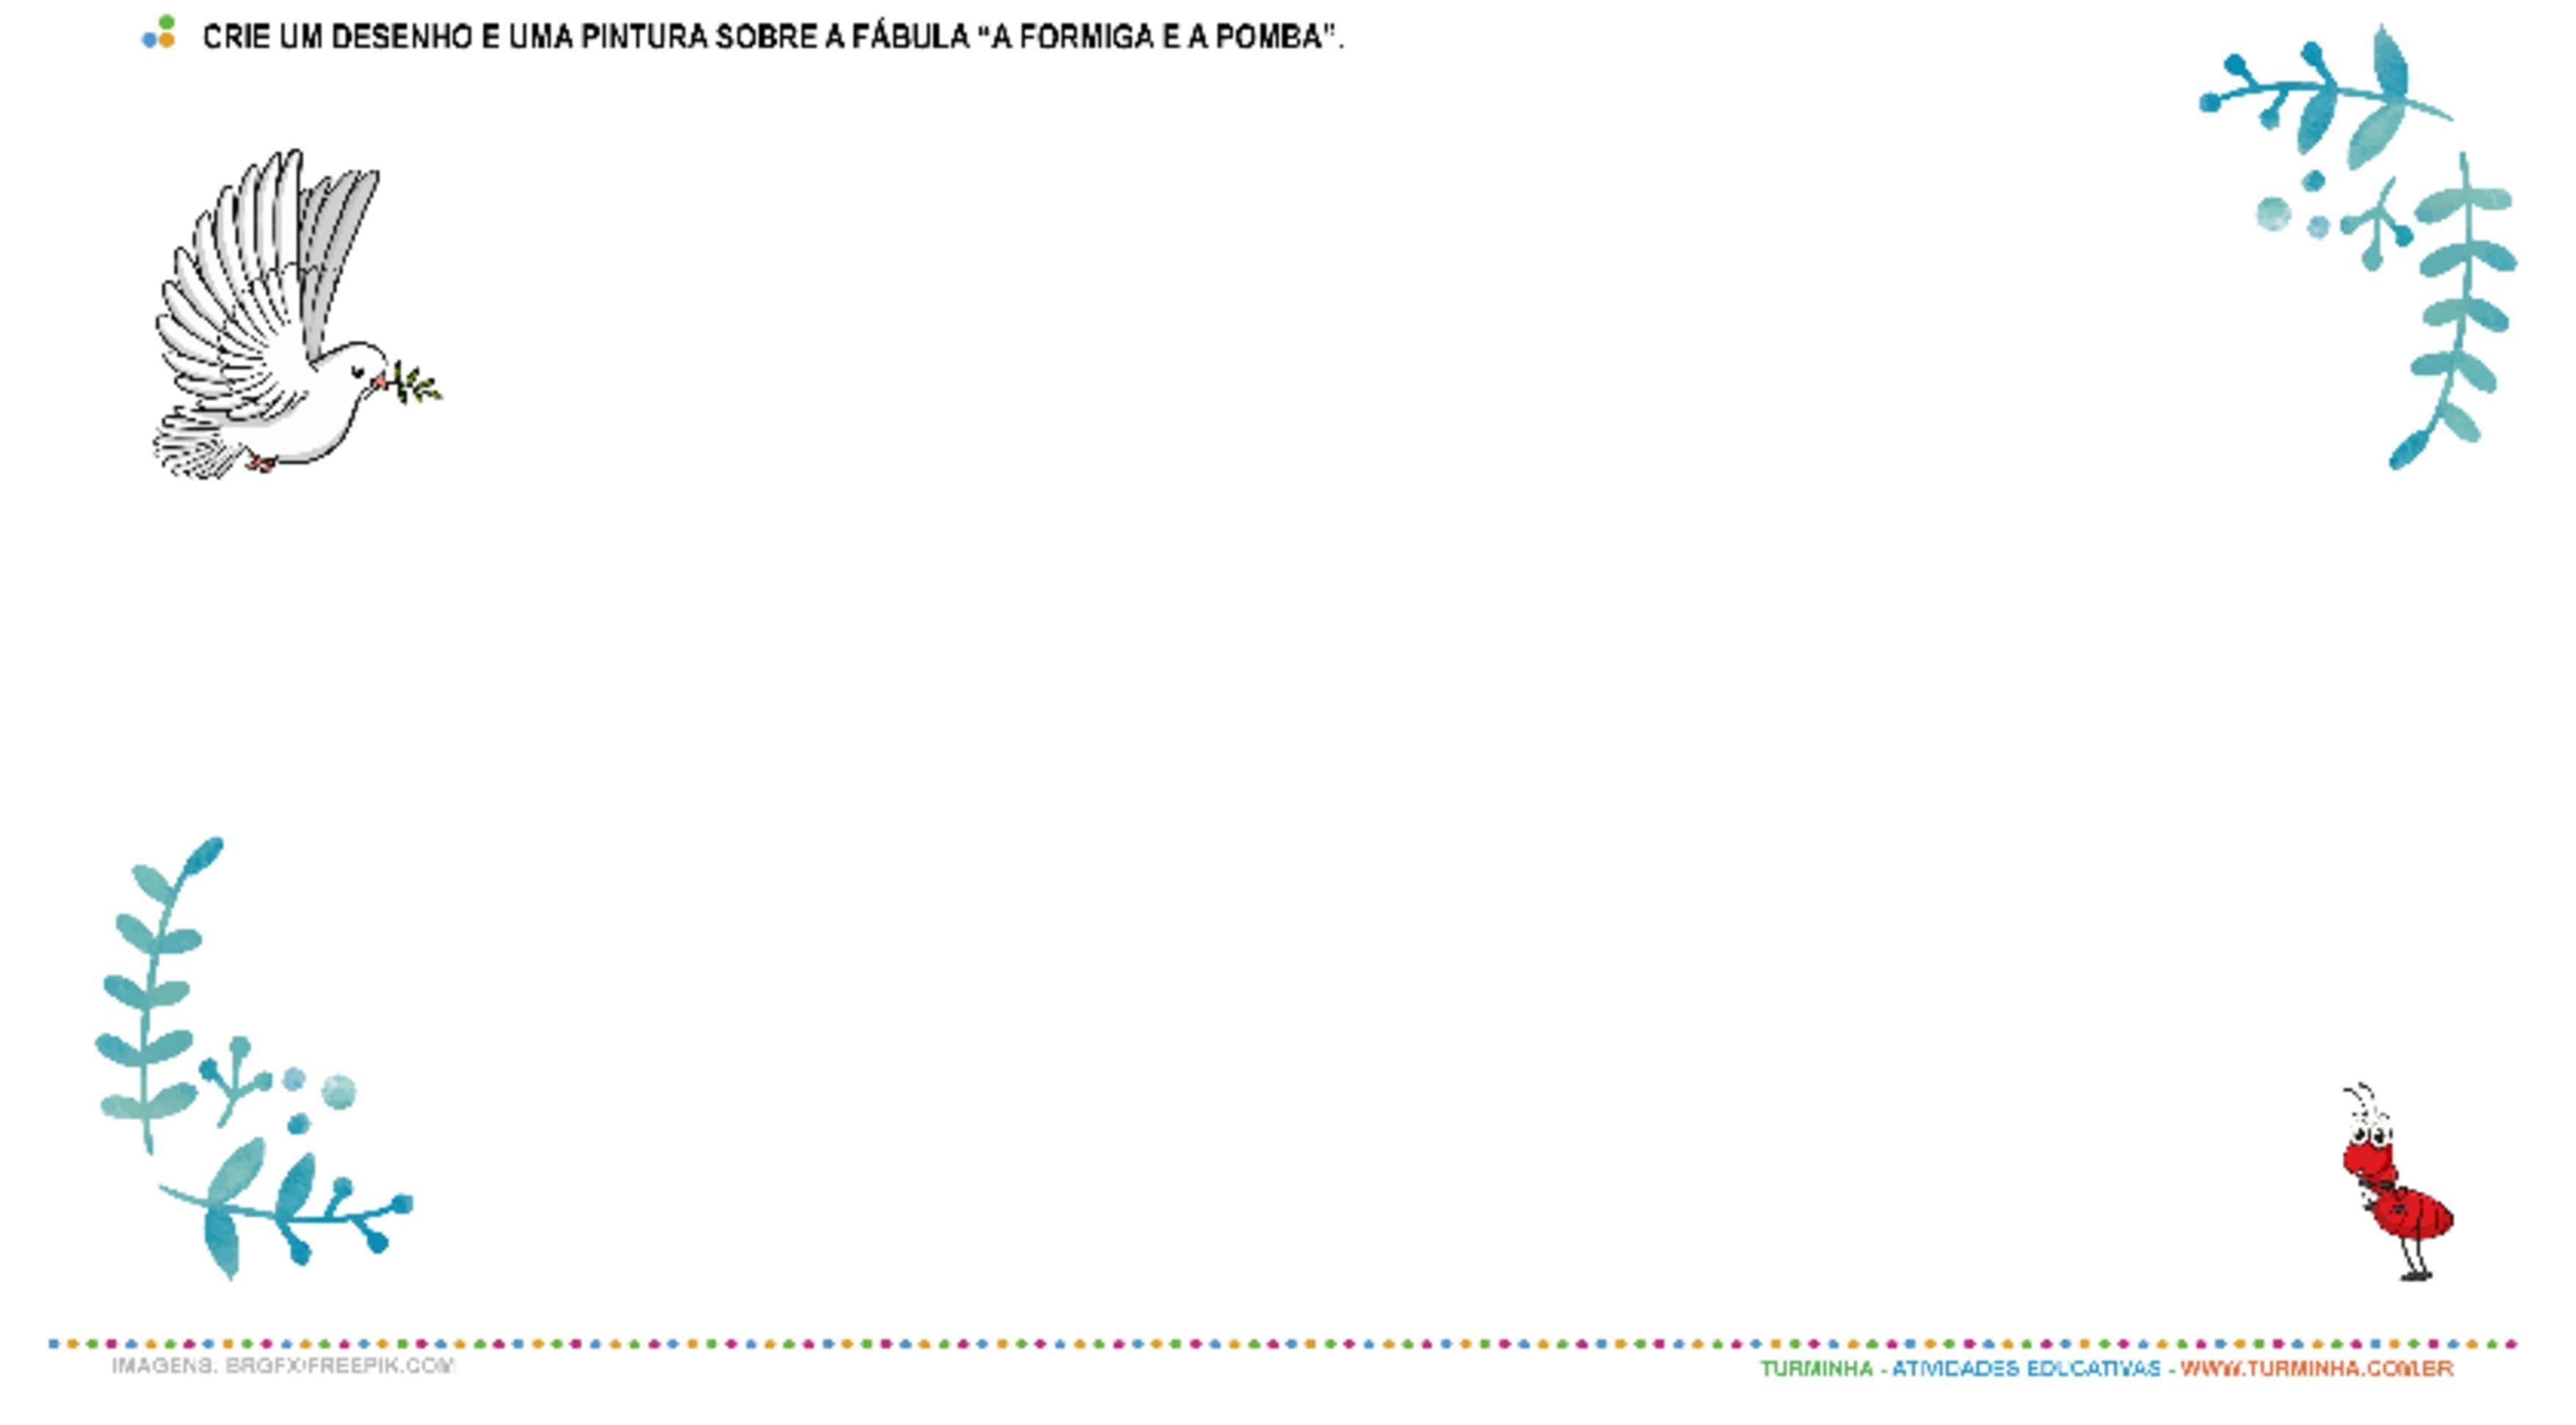 Fábula - A Formiga e a Pomba - Desenho Livre - atividade educativa para Pré-Escola (4 e 5 anos)